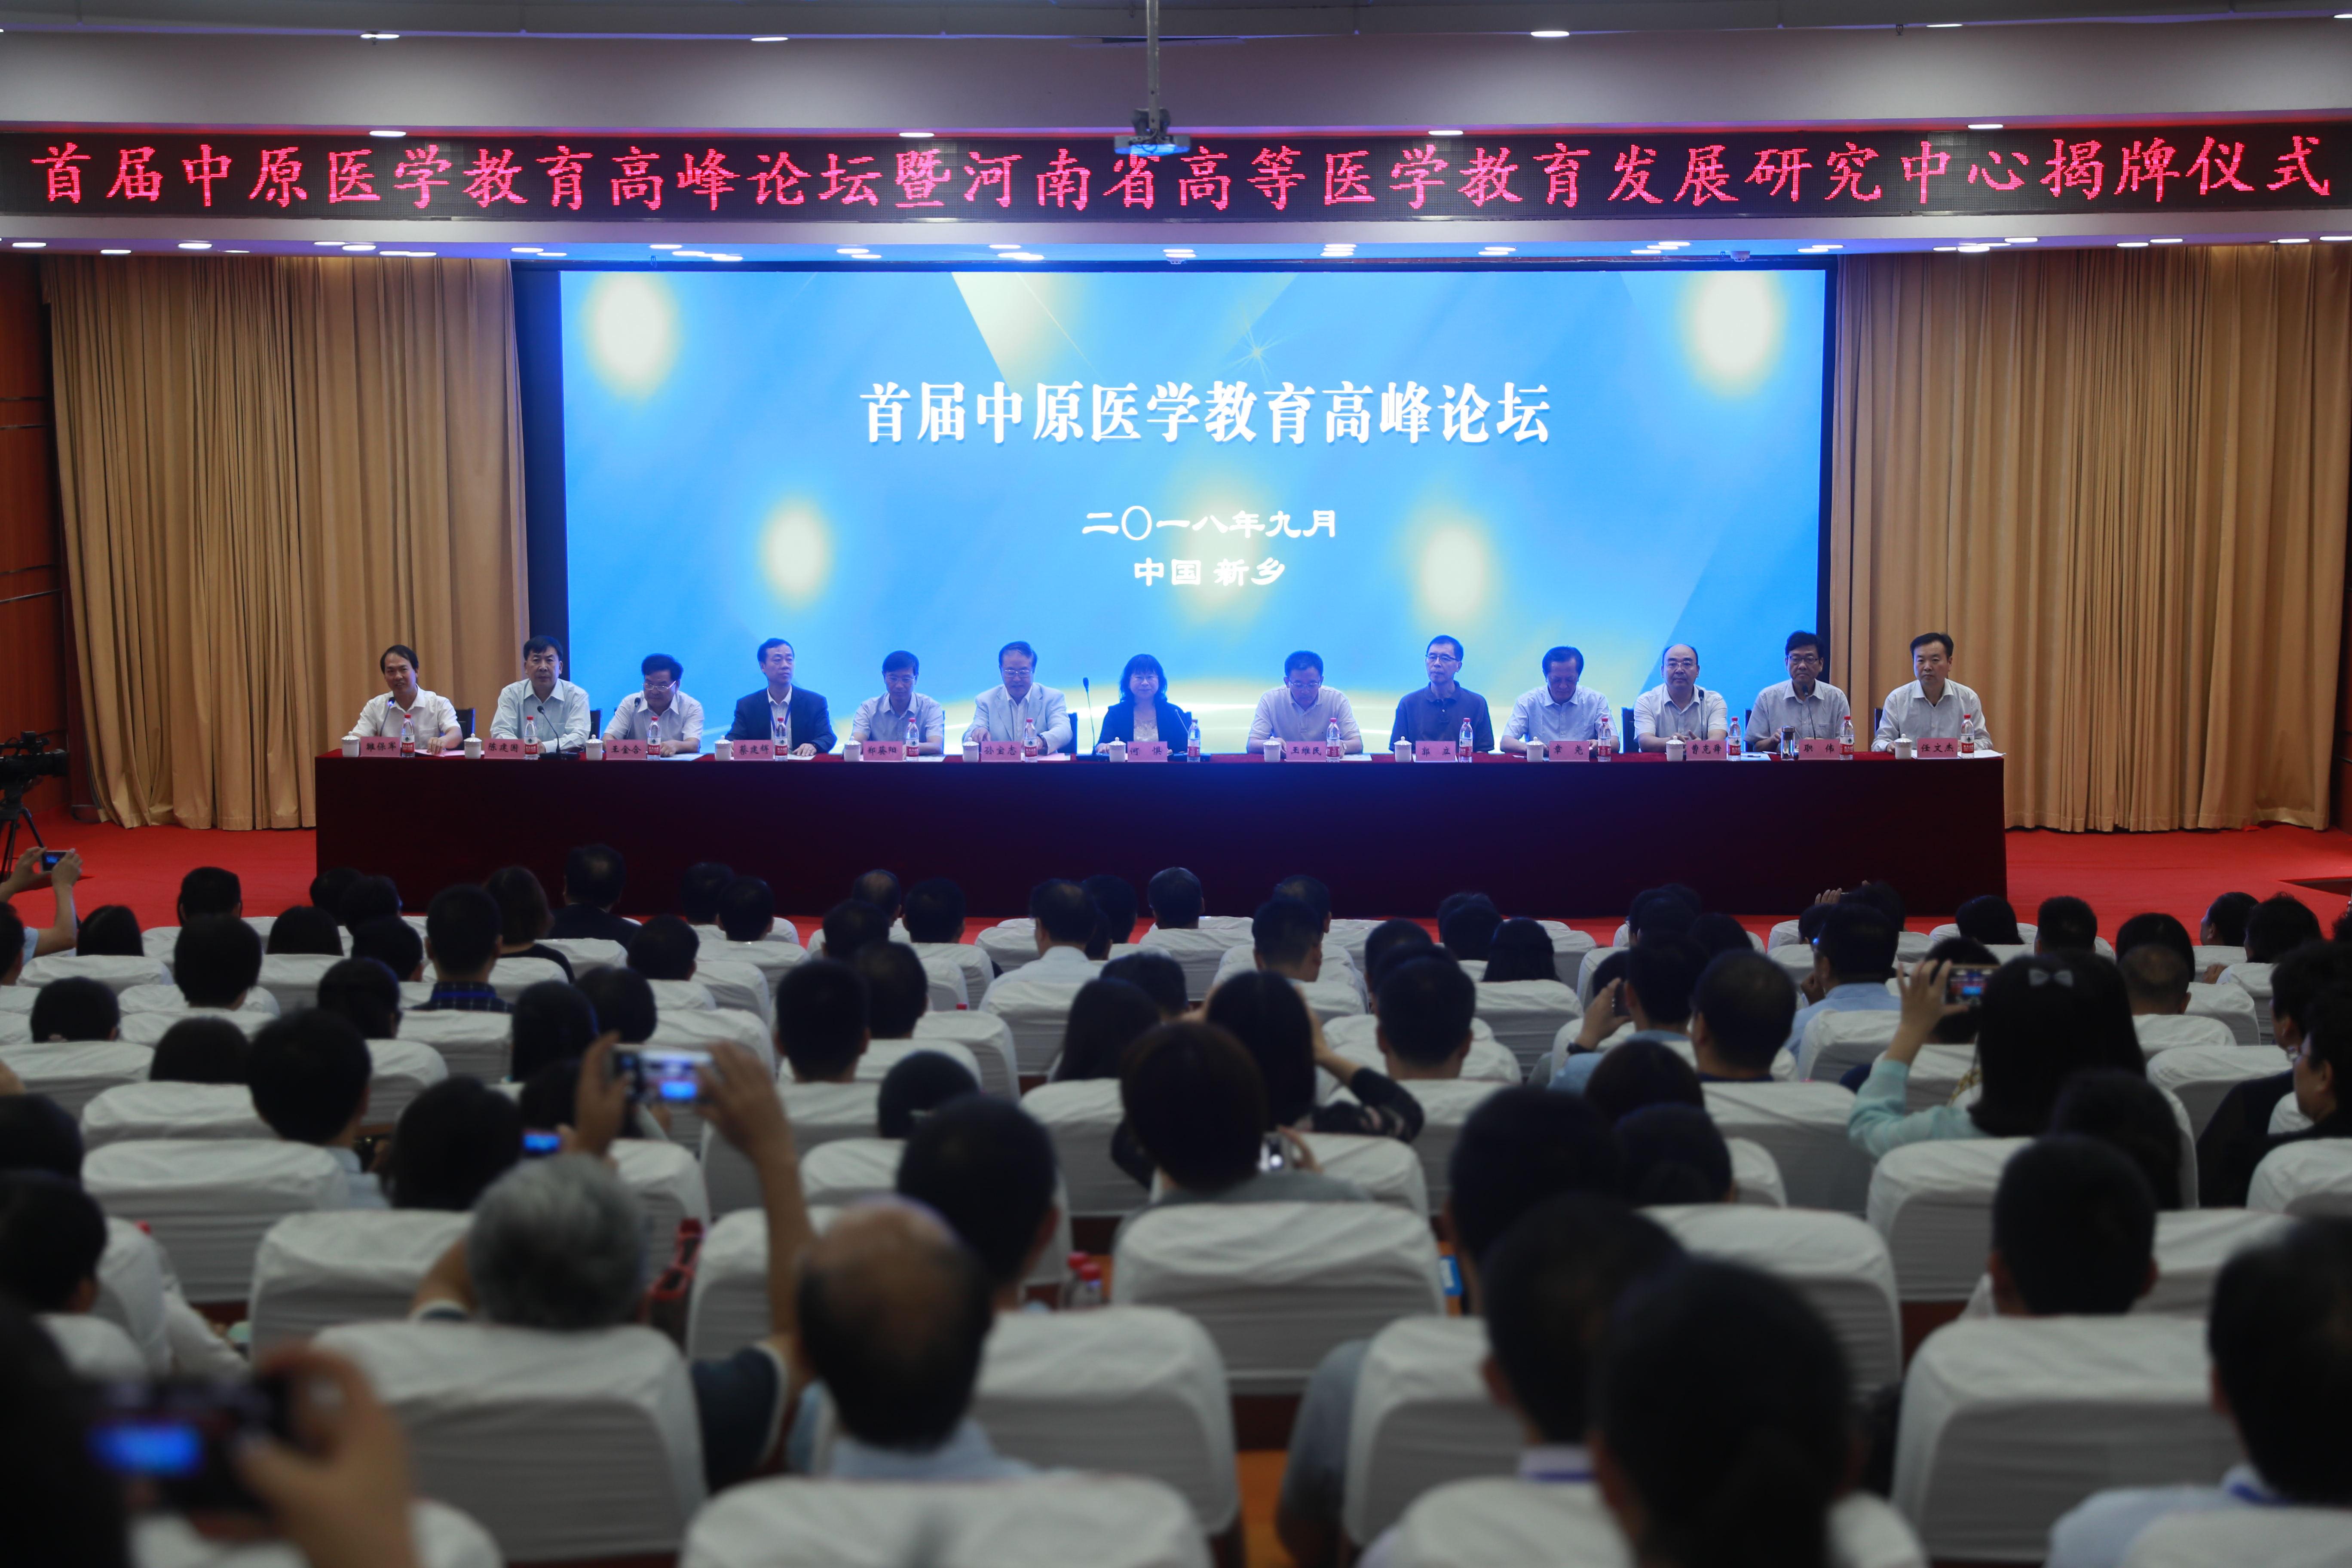 首届中原医学教育高峰论坛在新乡医学院举行